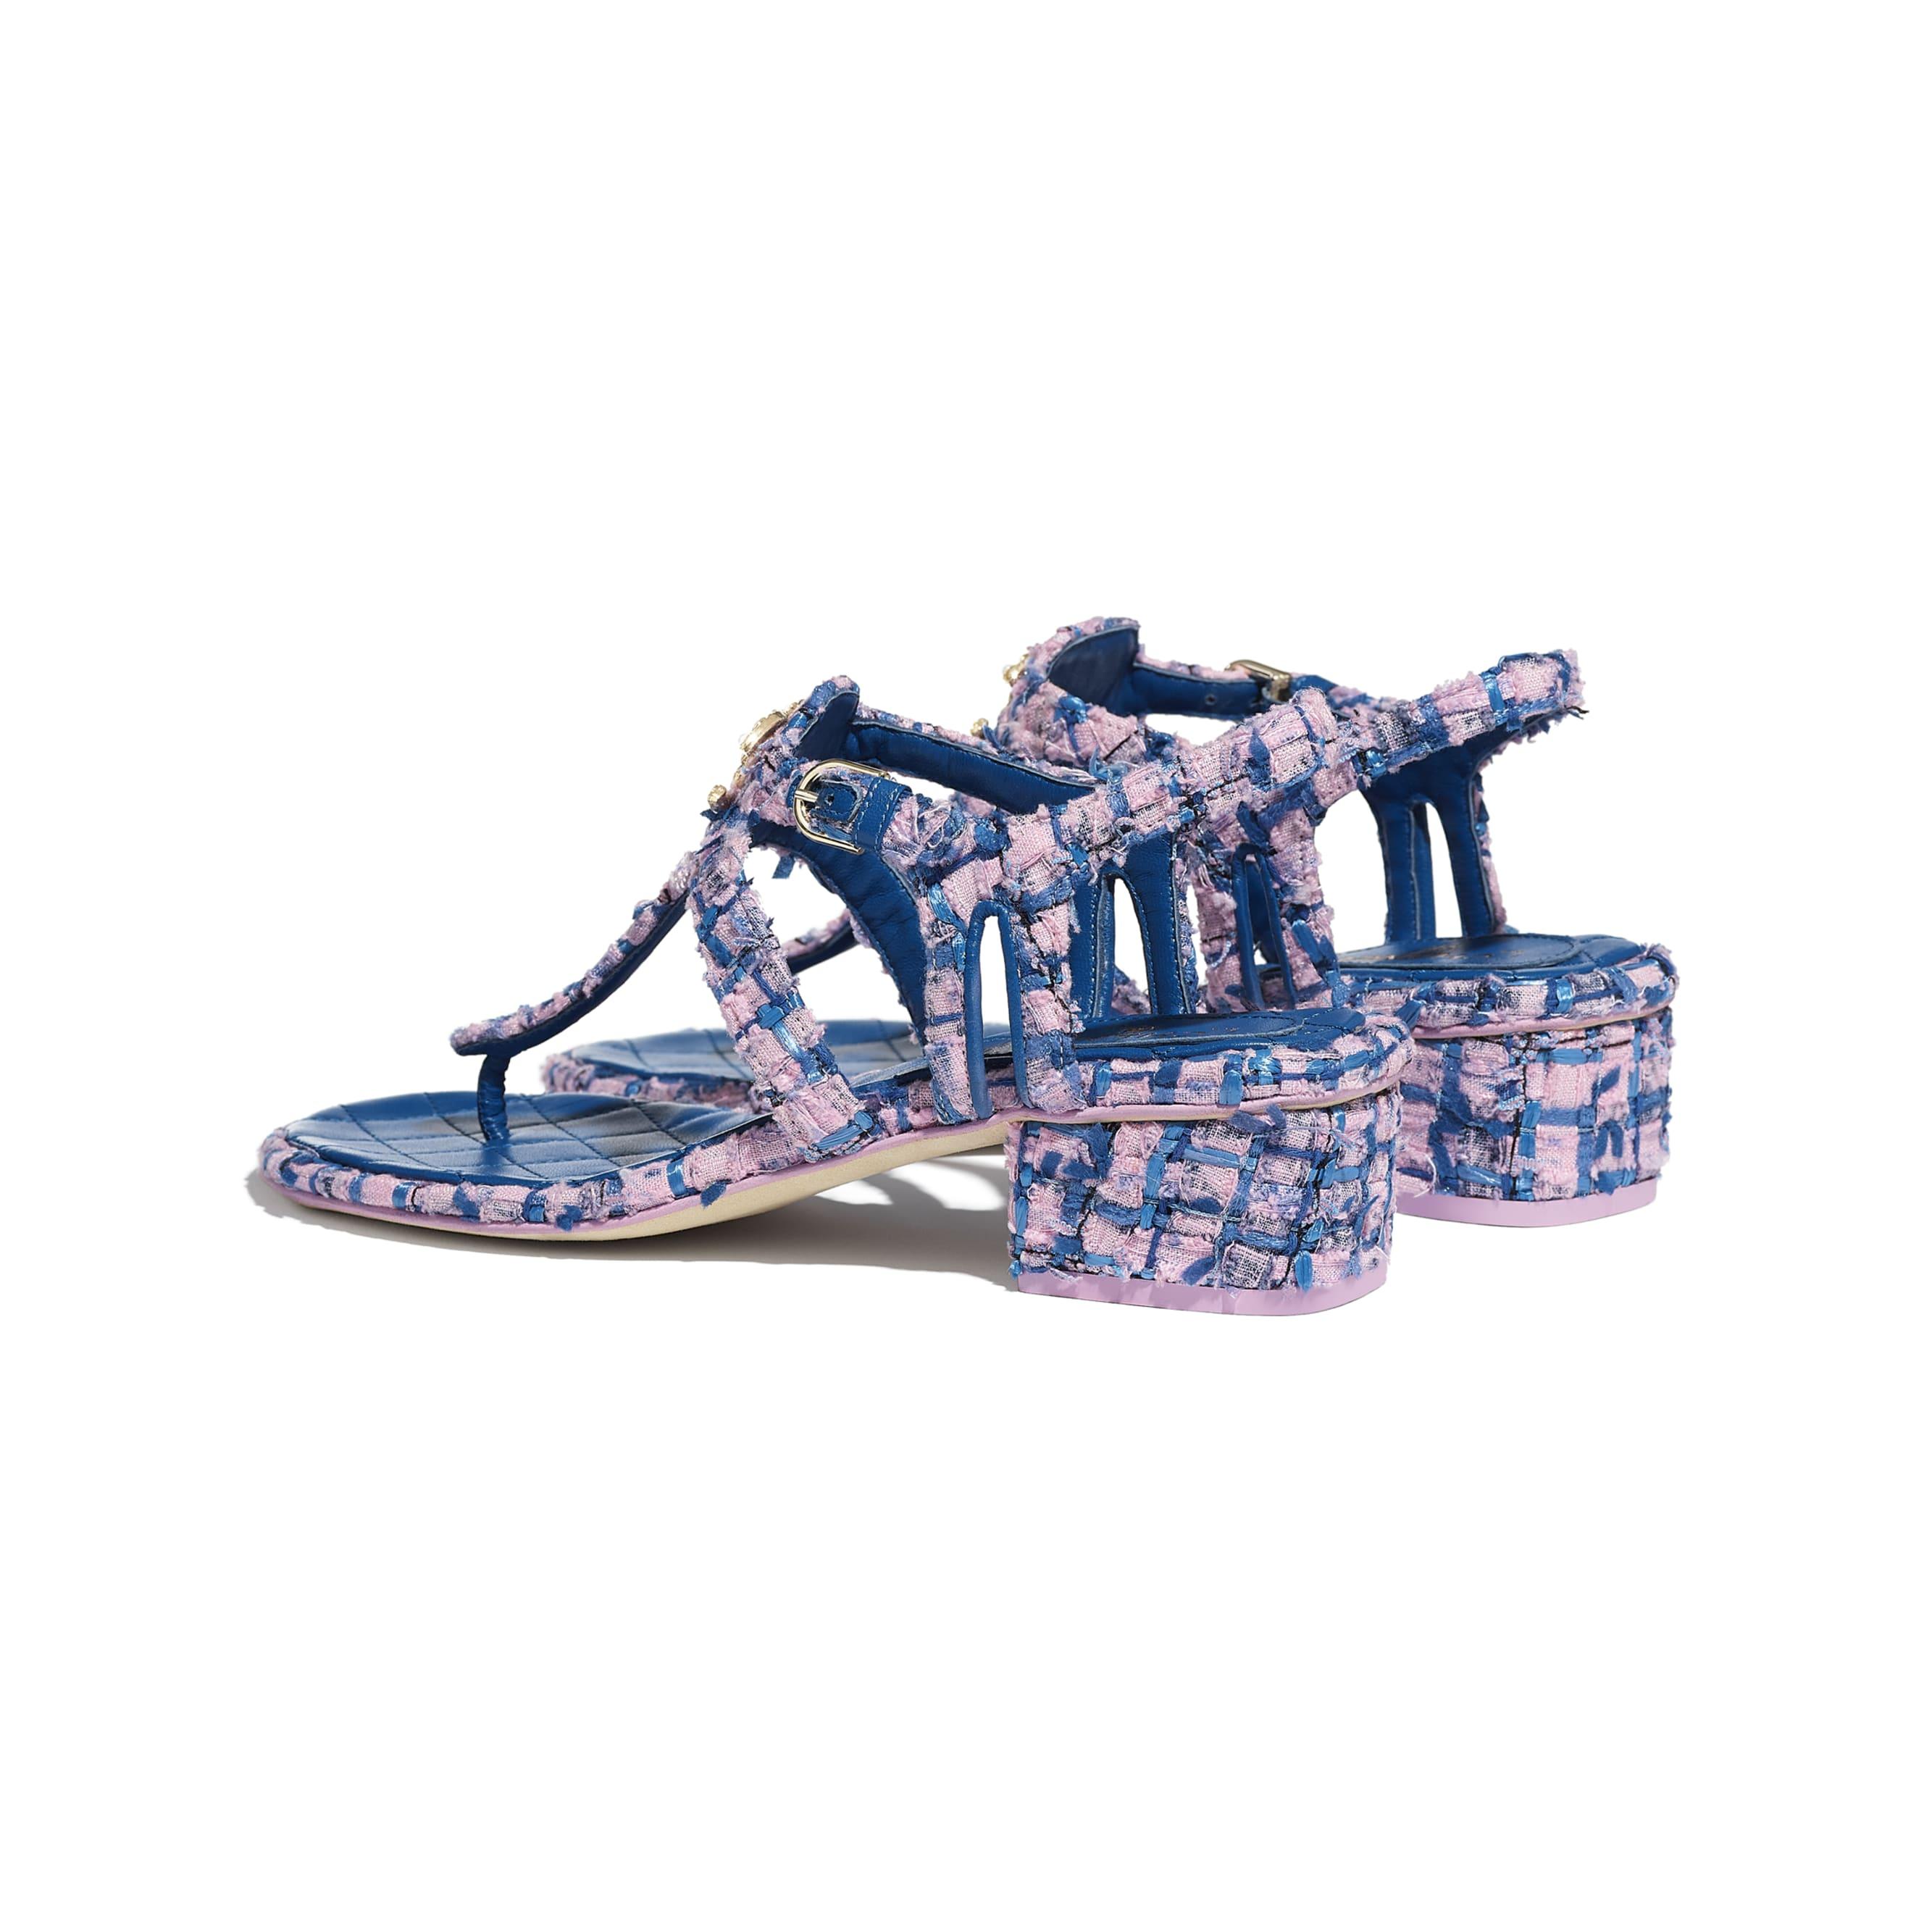 Sandálias - Pink, Blue & Navy Blue - Tweed - CHANEL - Outra vista - ver a versão em tamanho standard